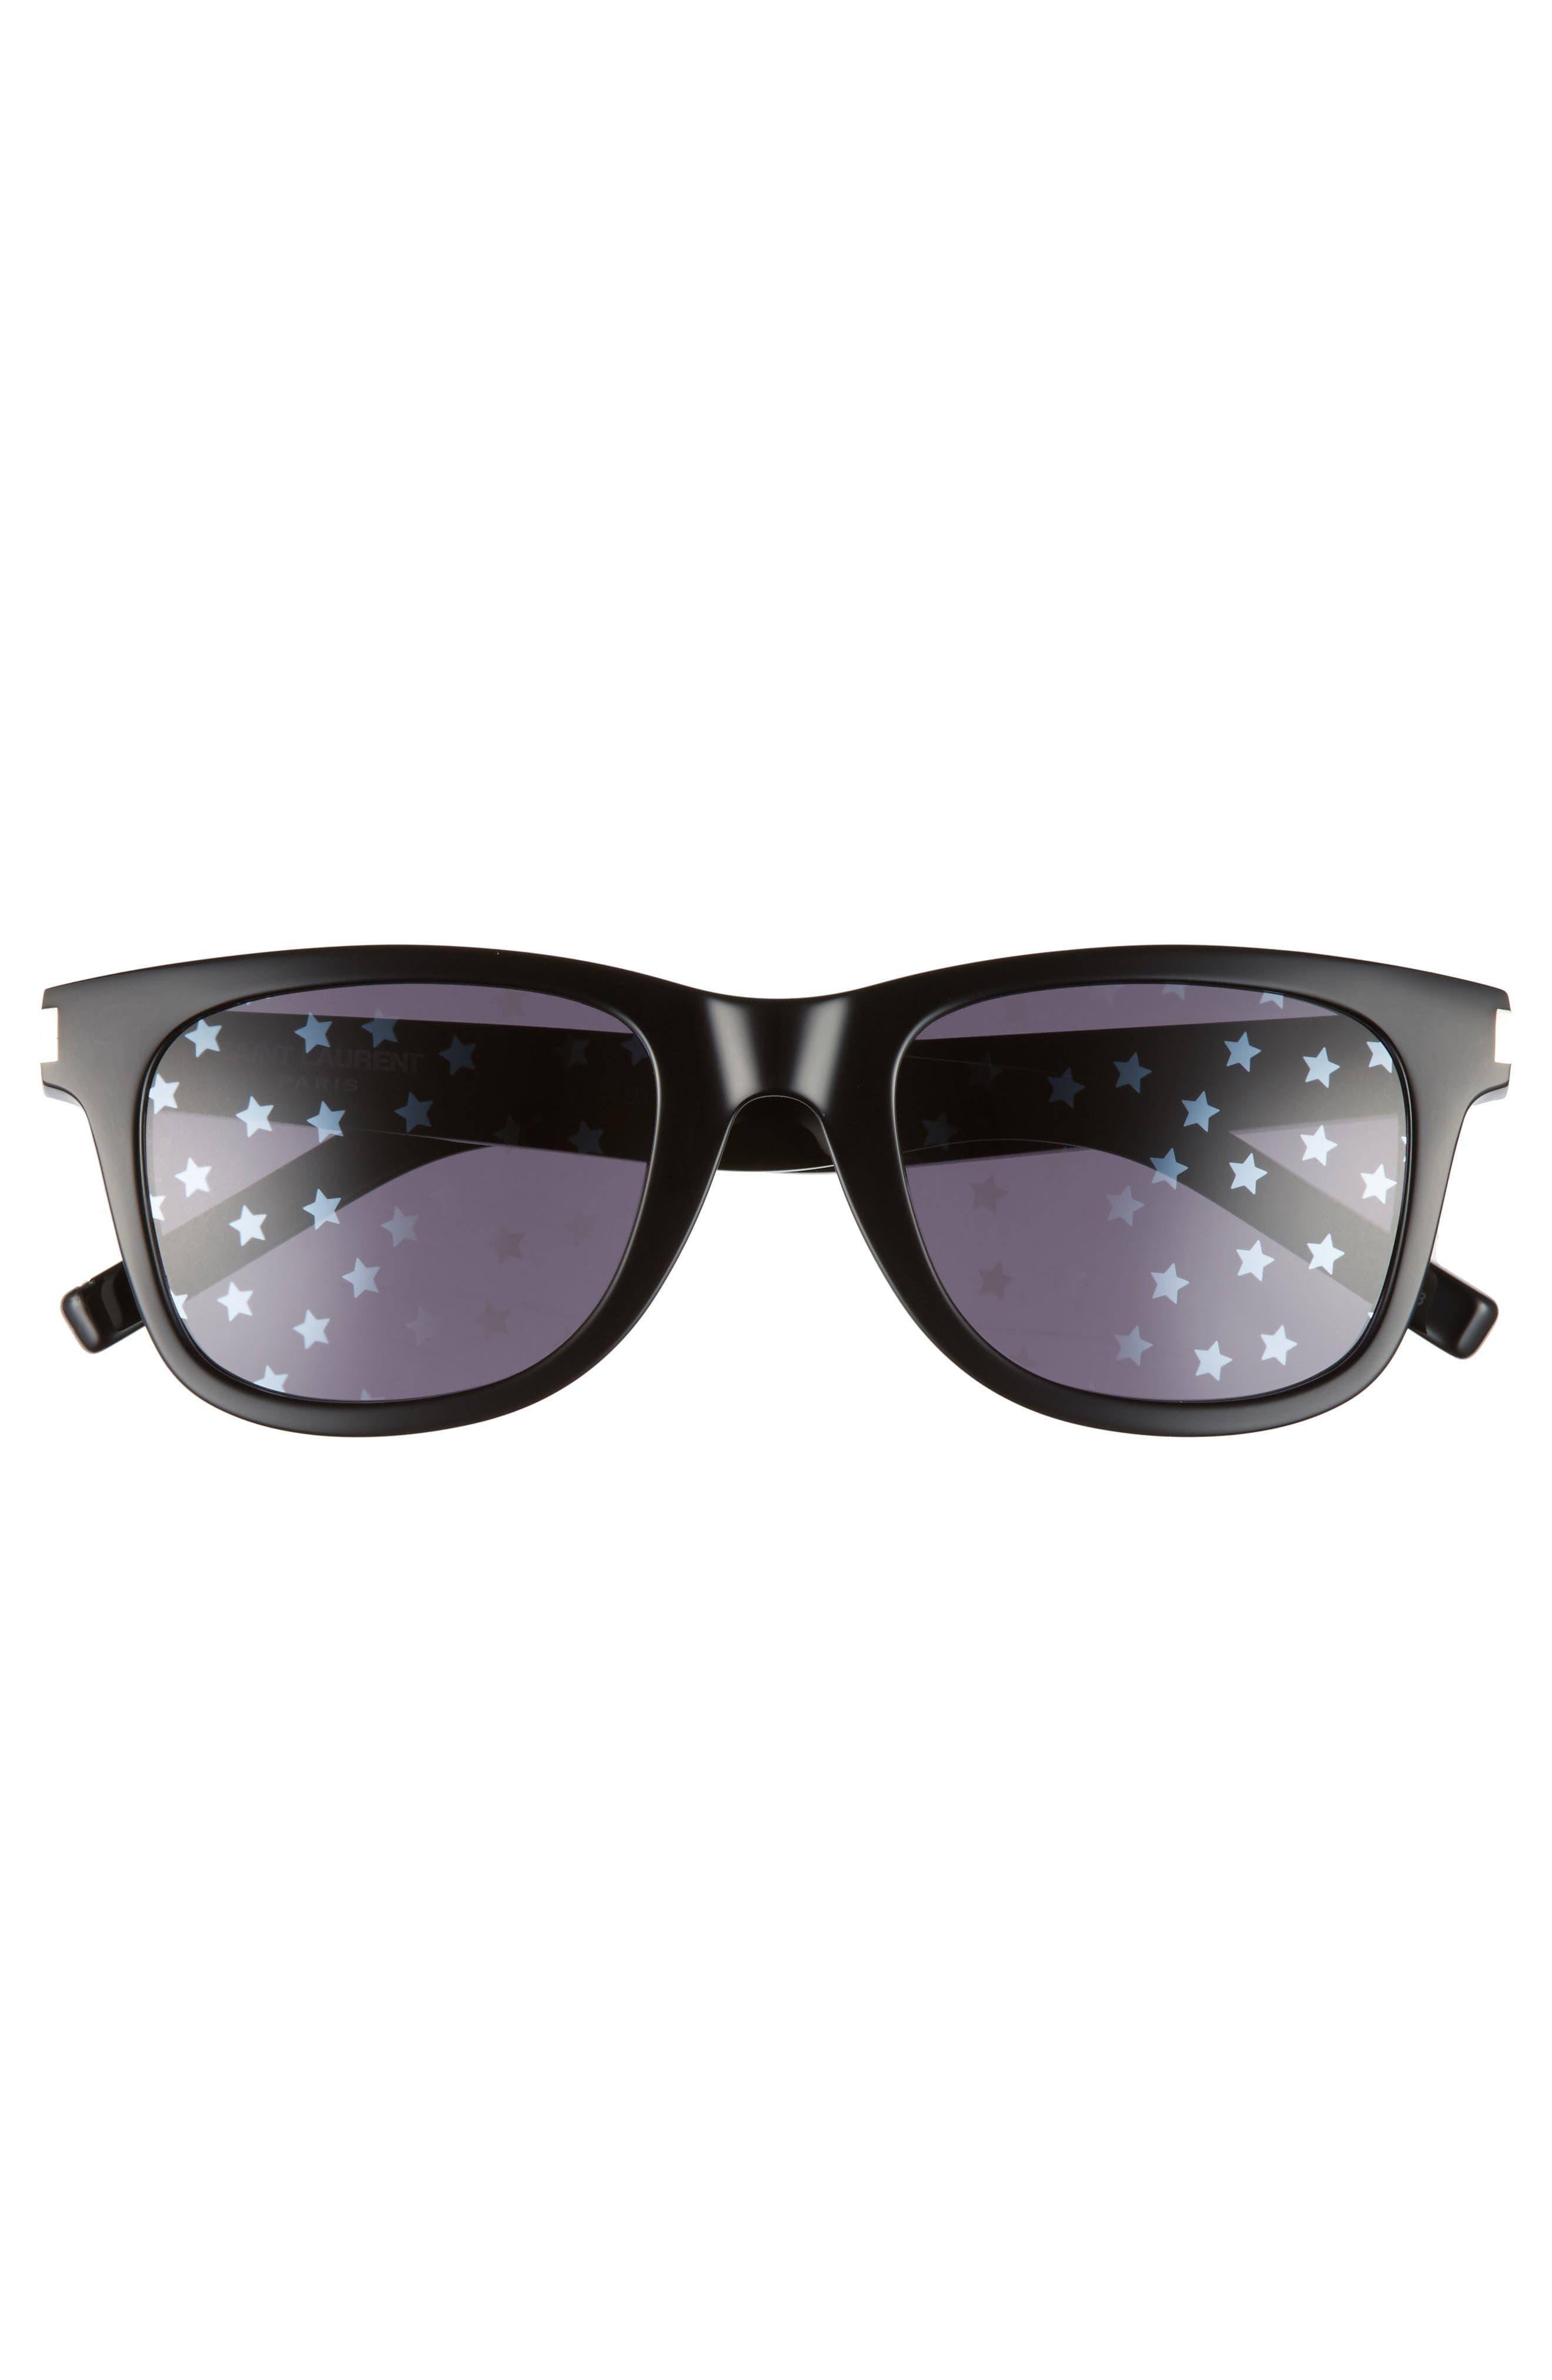 SL51 50mm Sunglasses,                             Alternate thumbnail 3, color,                             Black/ Black